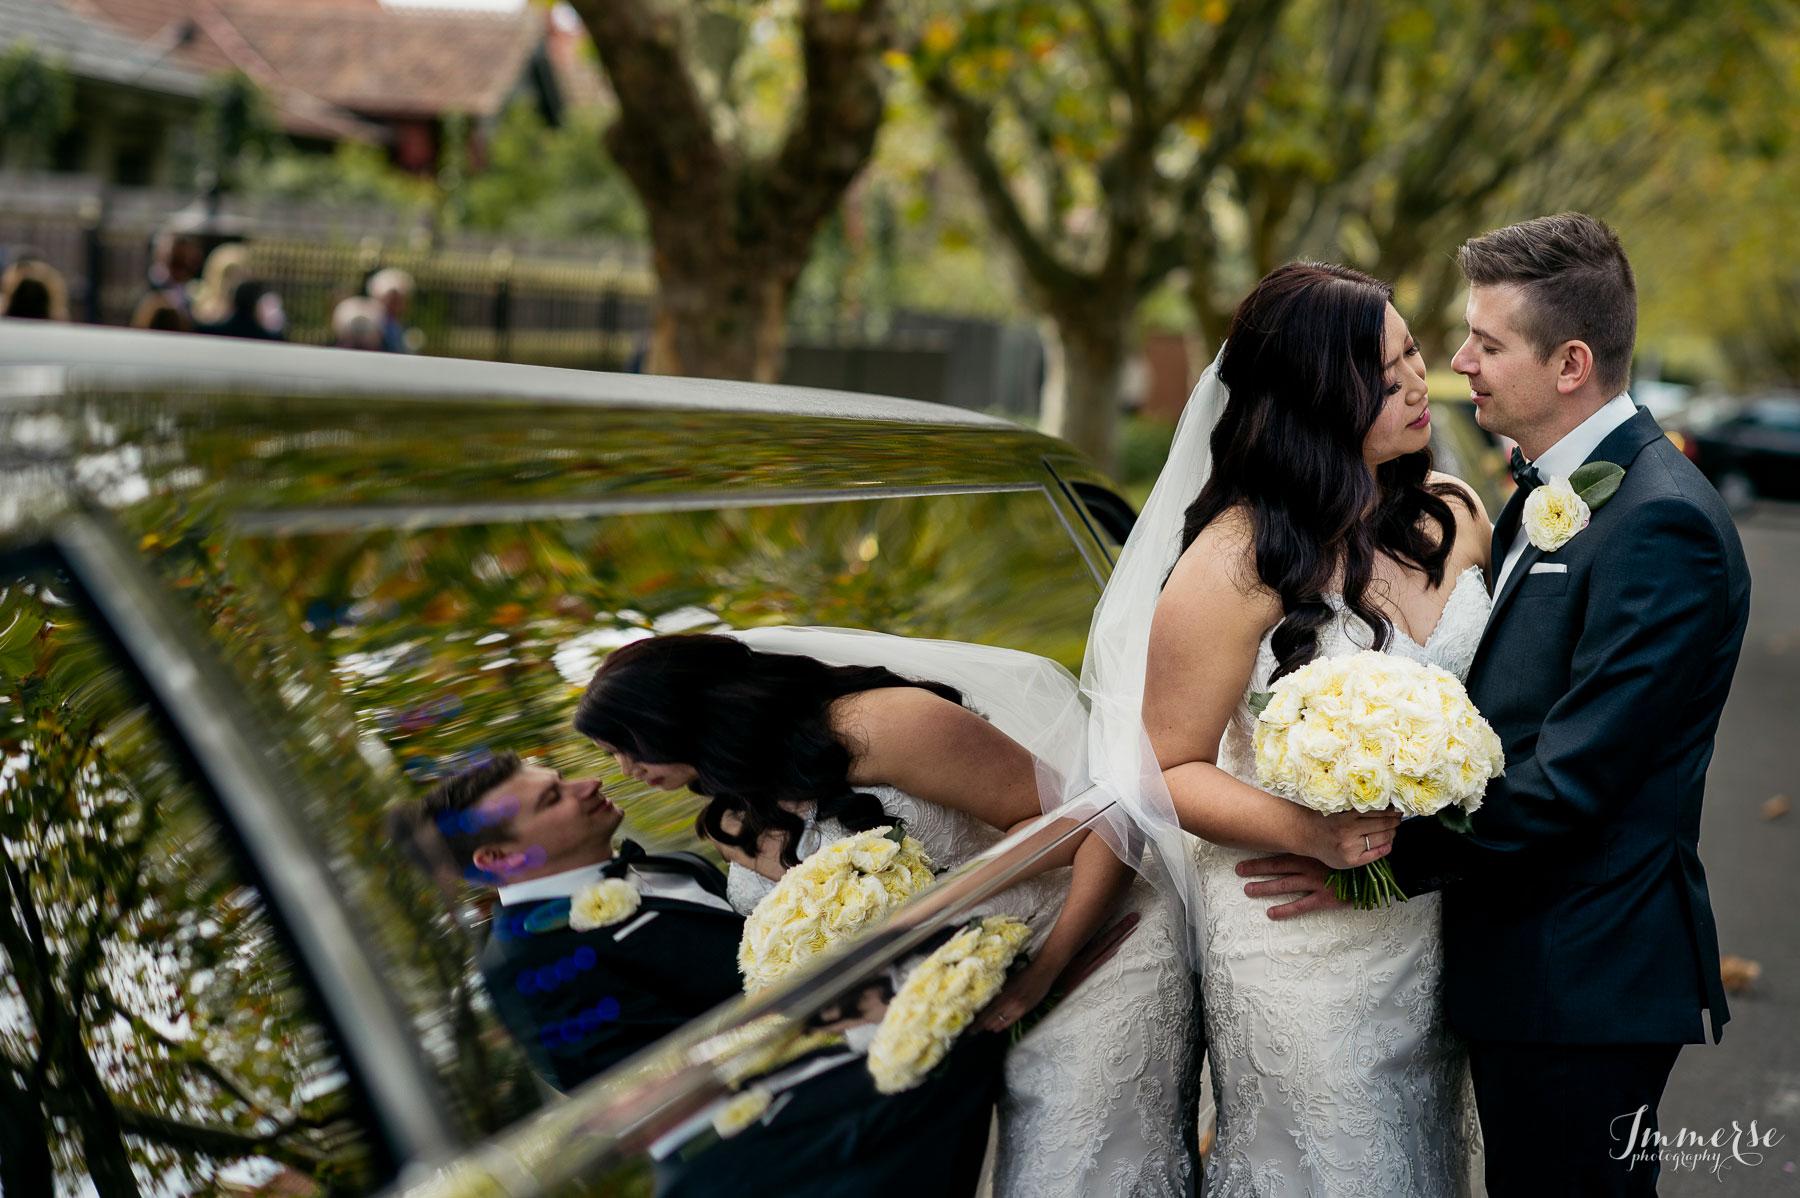 Melbourne Garden Wedding Limo Hire